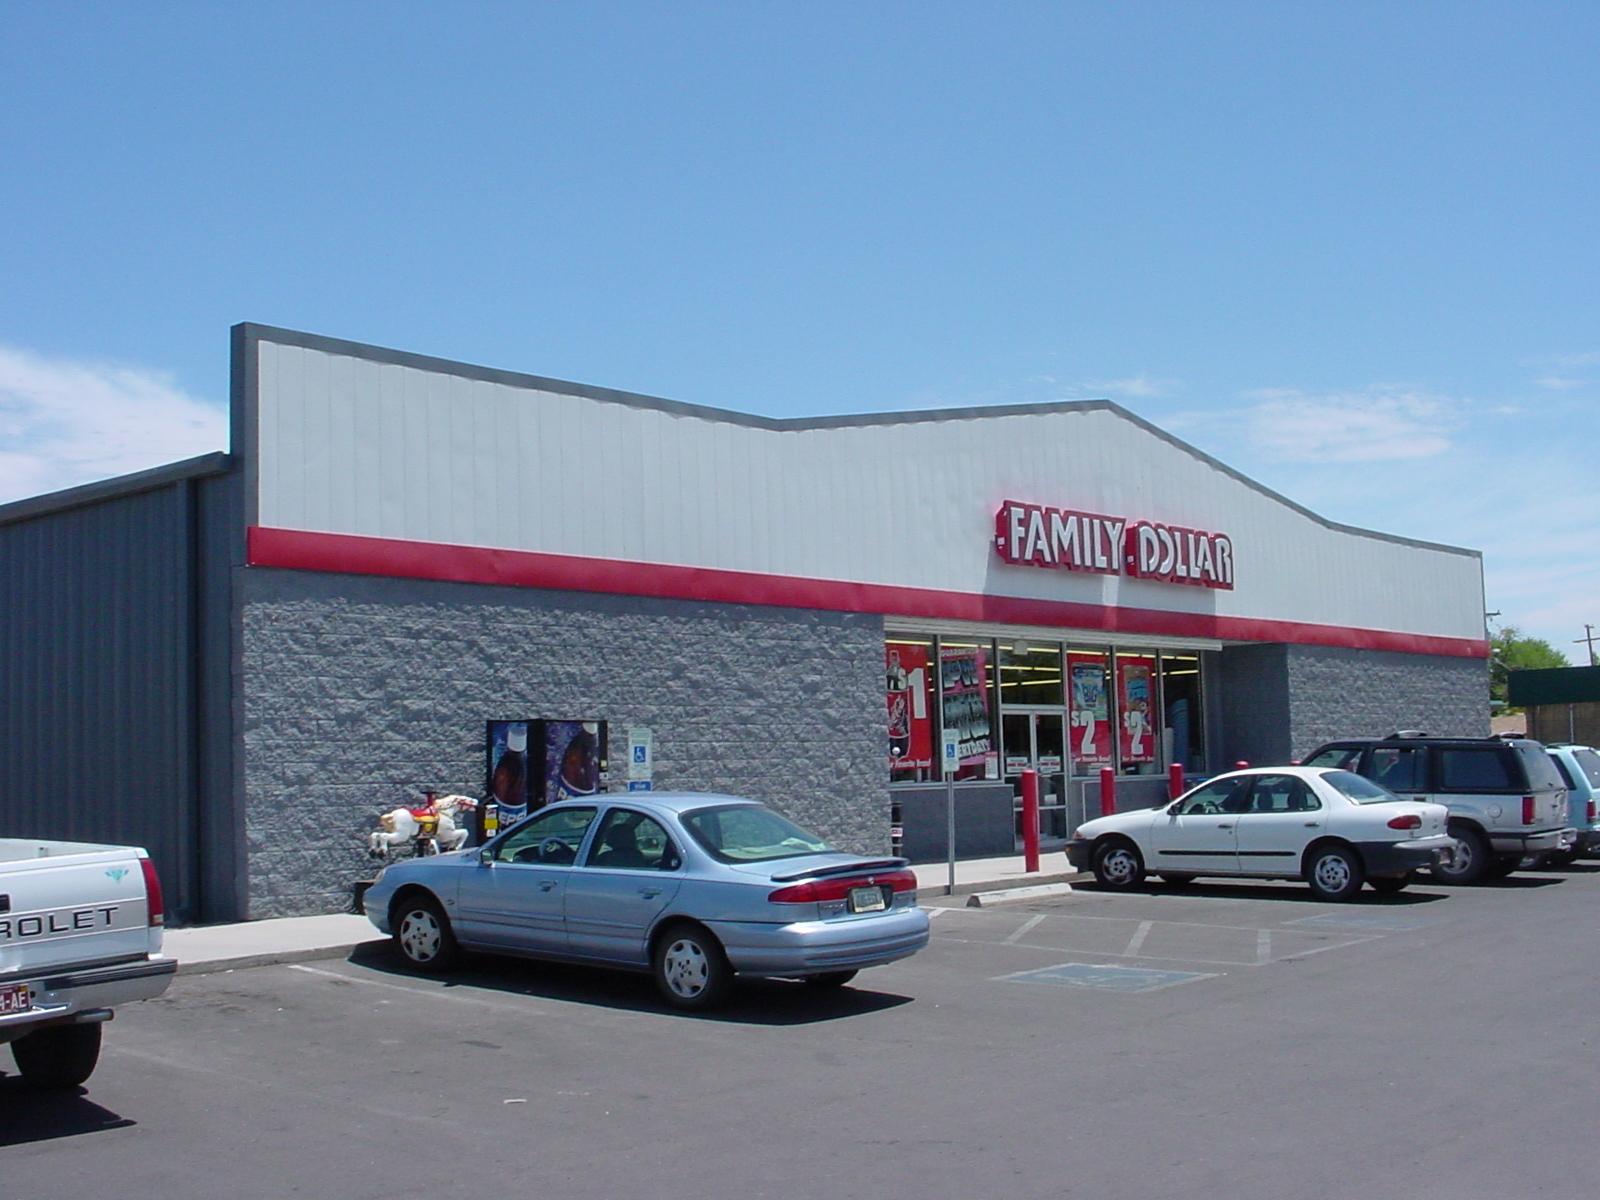 Family dollar store, in Tucson, AZ - Tucson, Arizona ...